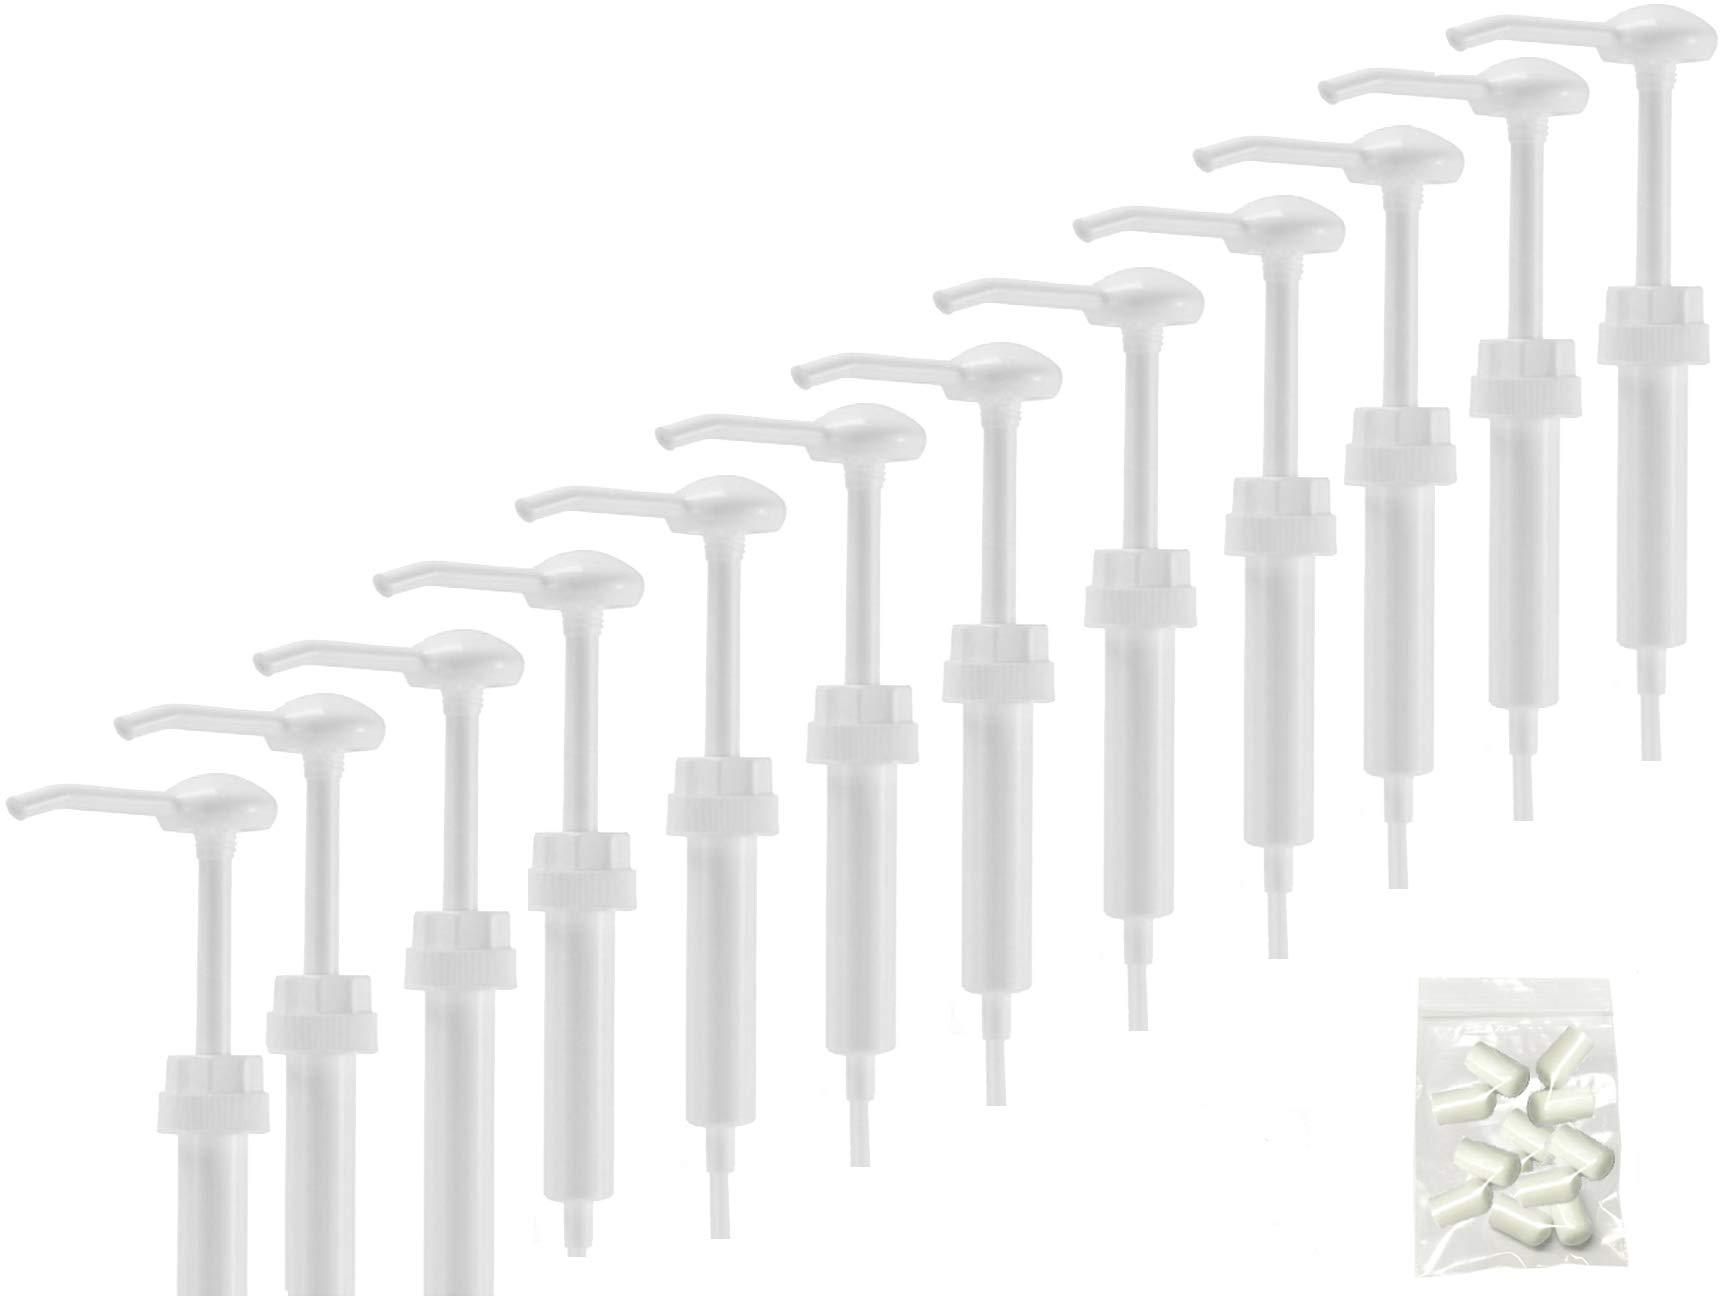 NiceBottles - Dispenser Pump for Gallon Jug, Pack of 12